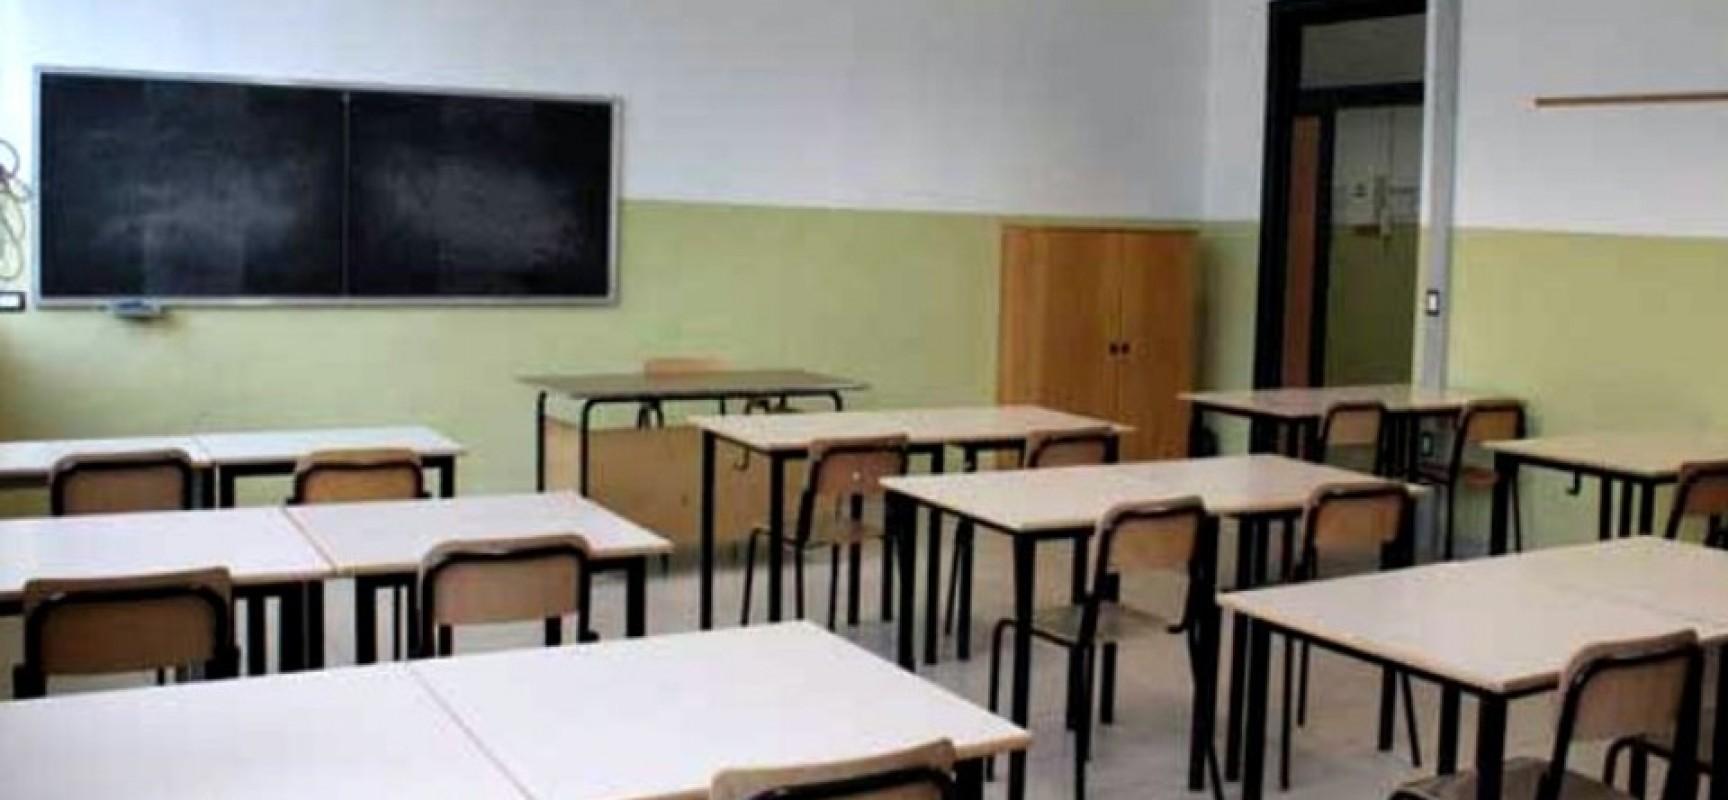 Maltempo, scuole chiuse anche mercoledì 28 febbraio